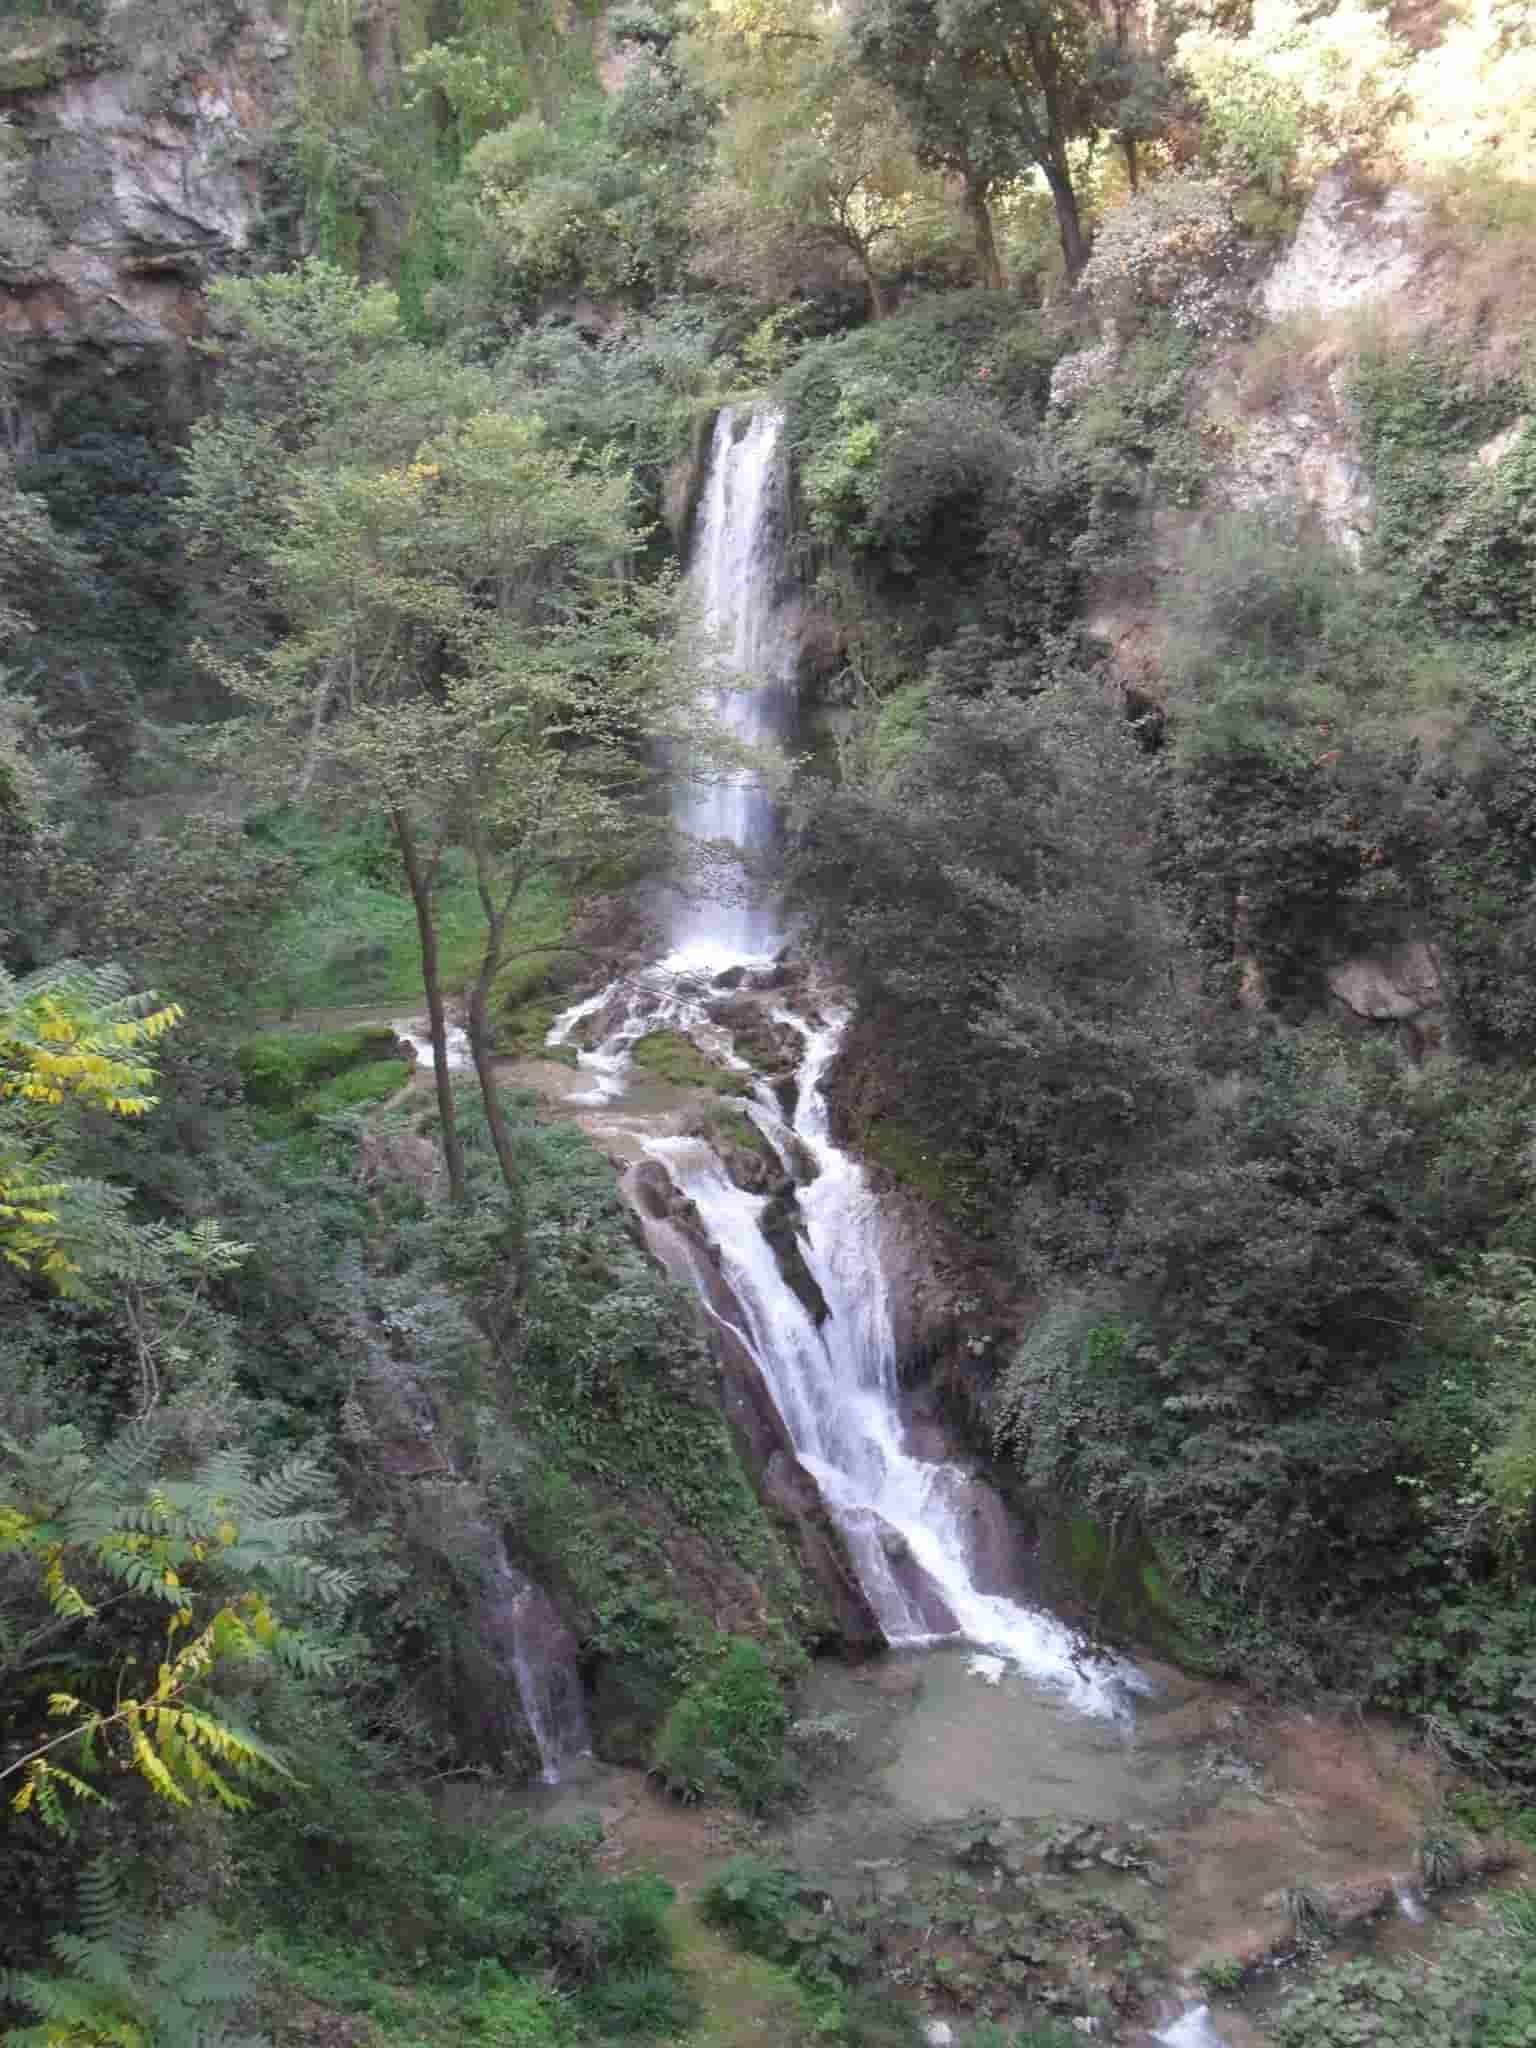 Cascata con doppio salto del Fiume Aniene a Villa Gregoriana - Cosa Vedere a Tivoli